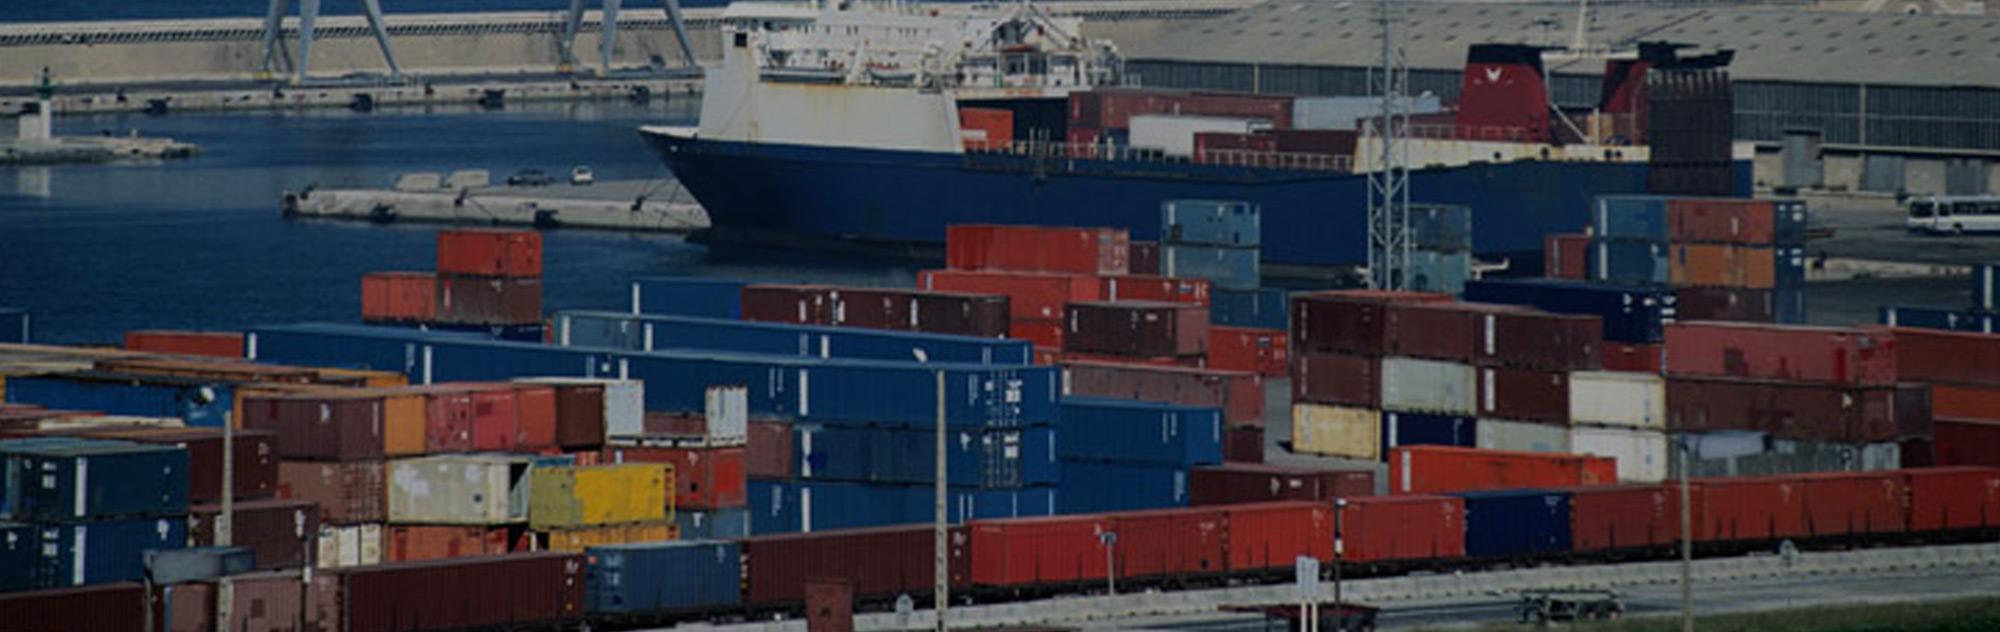 貨物運送人責任保險 - AIG保險